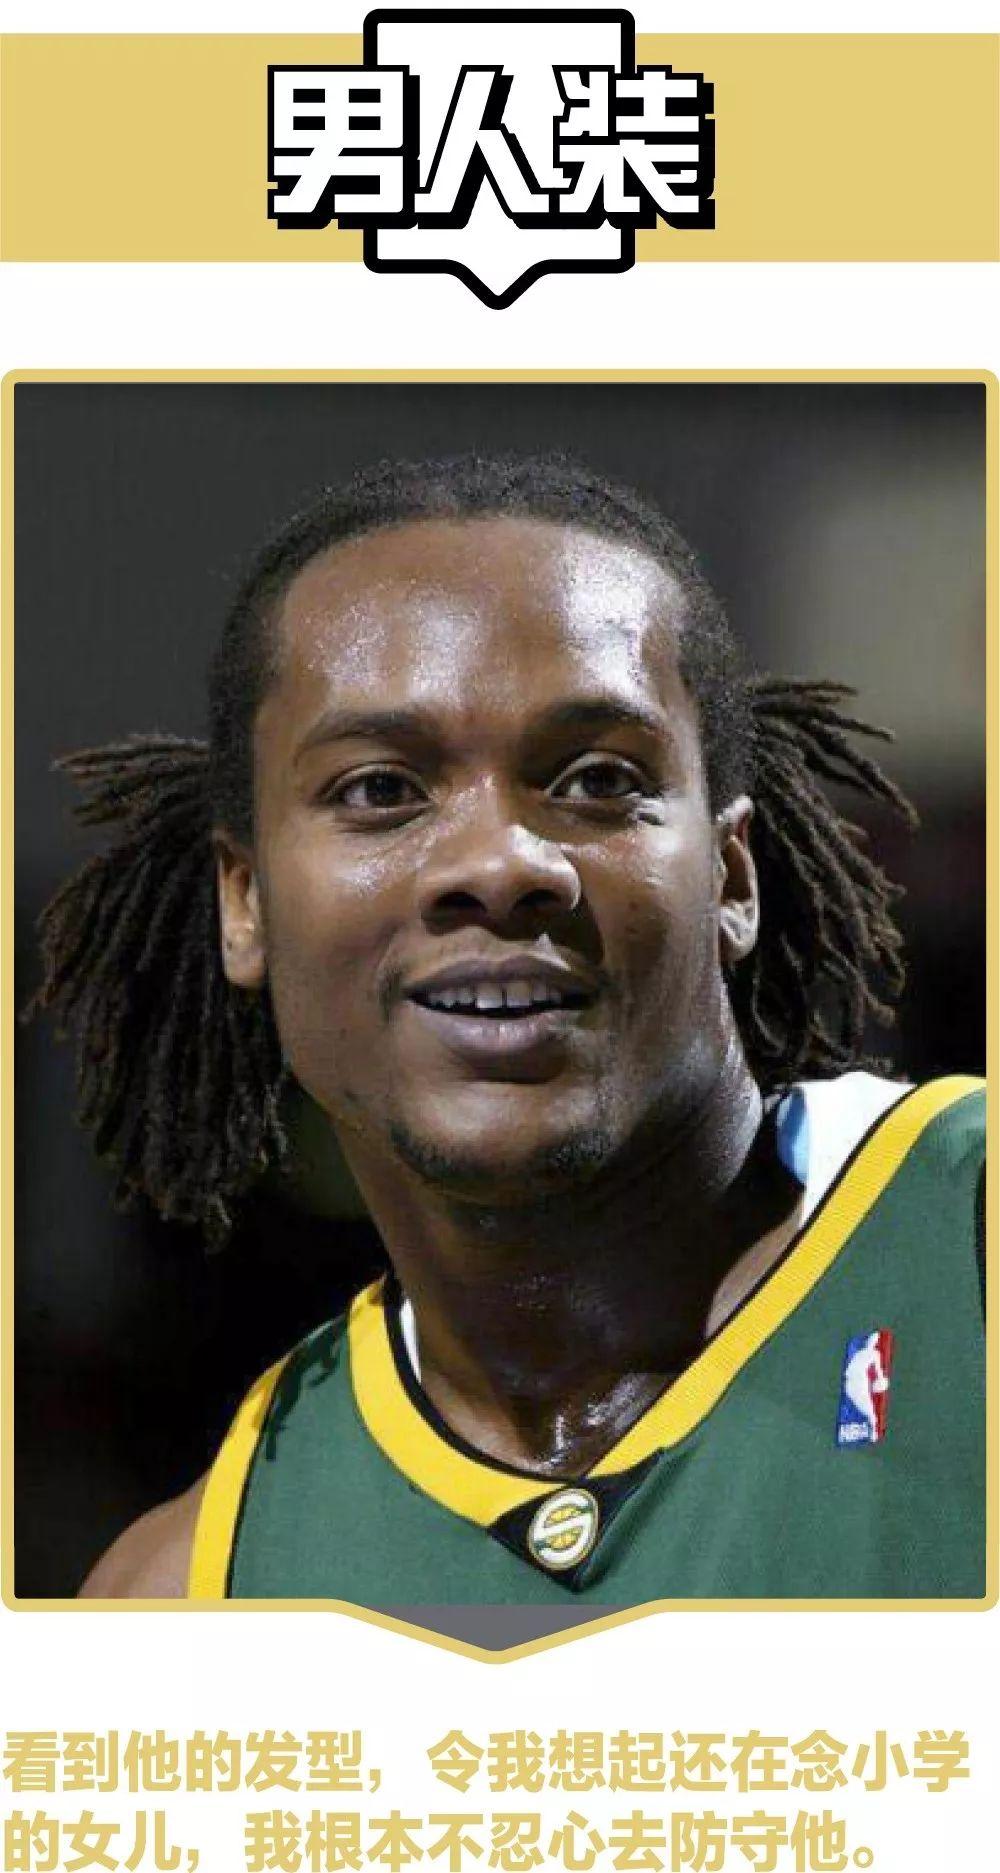 在篮球场上,如何把对方球员笑死?